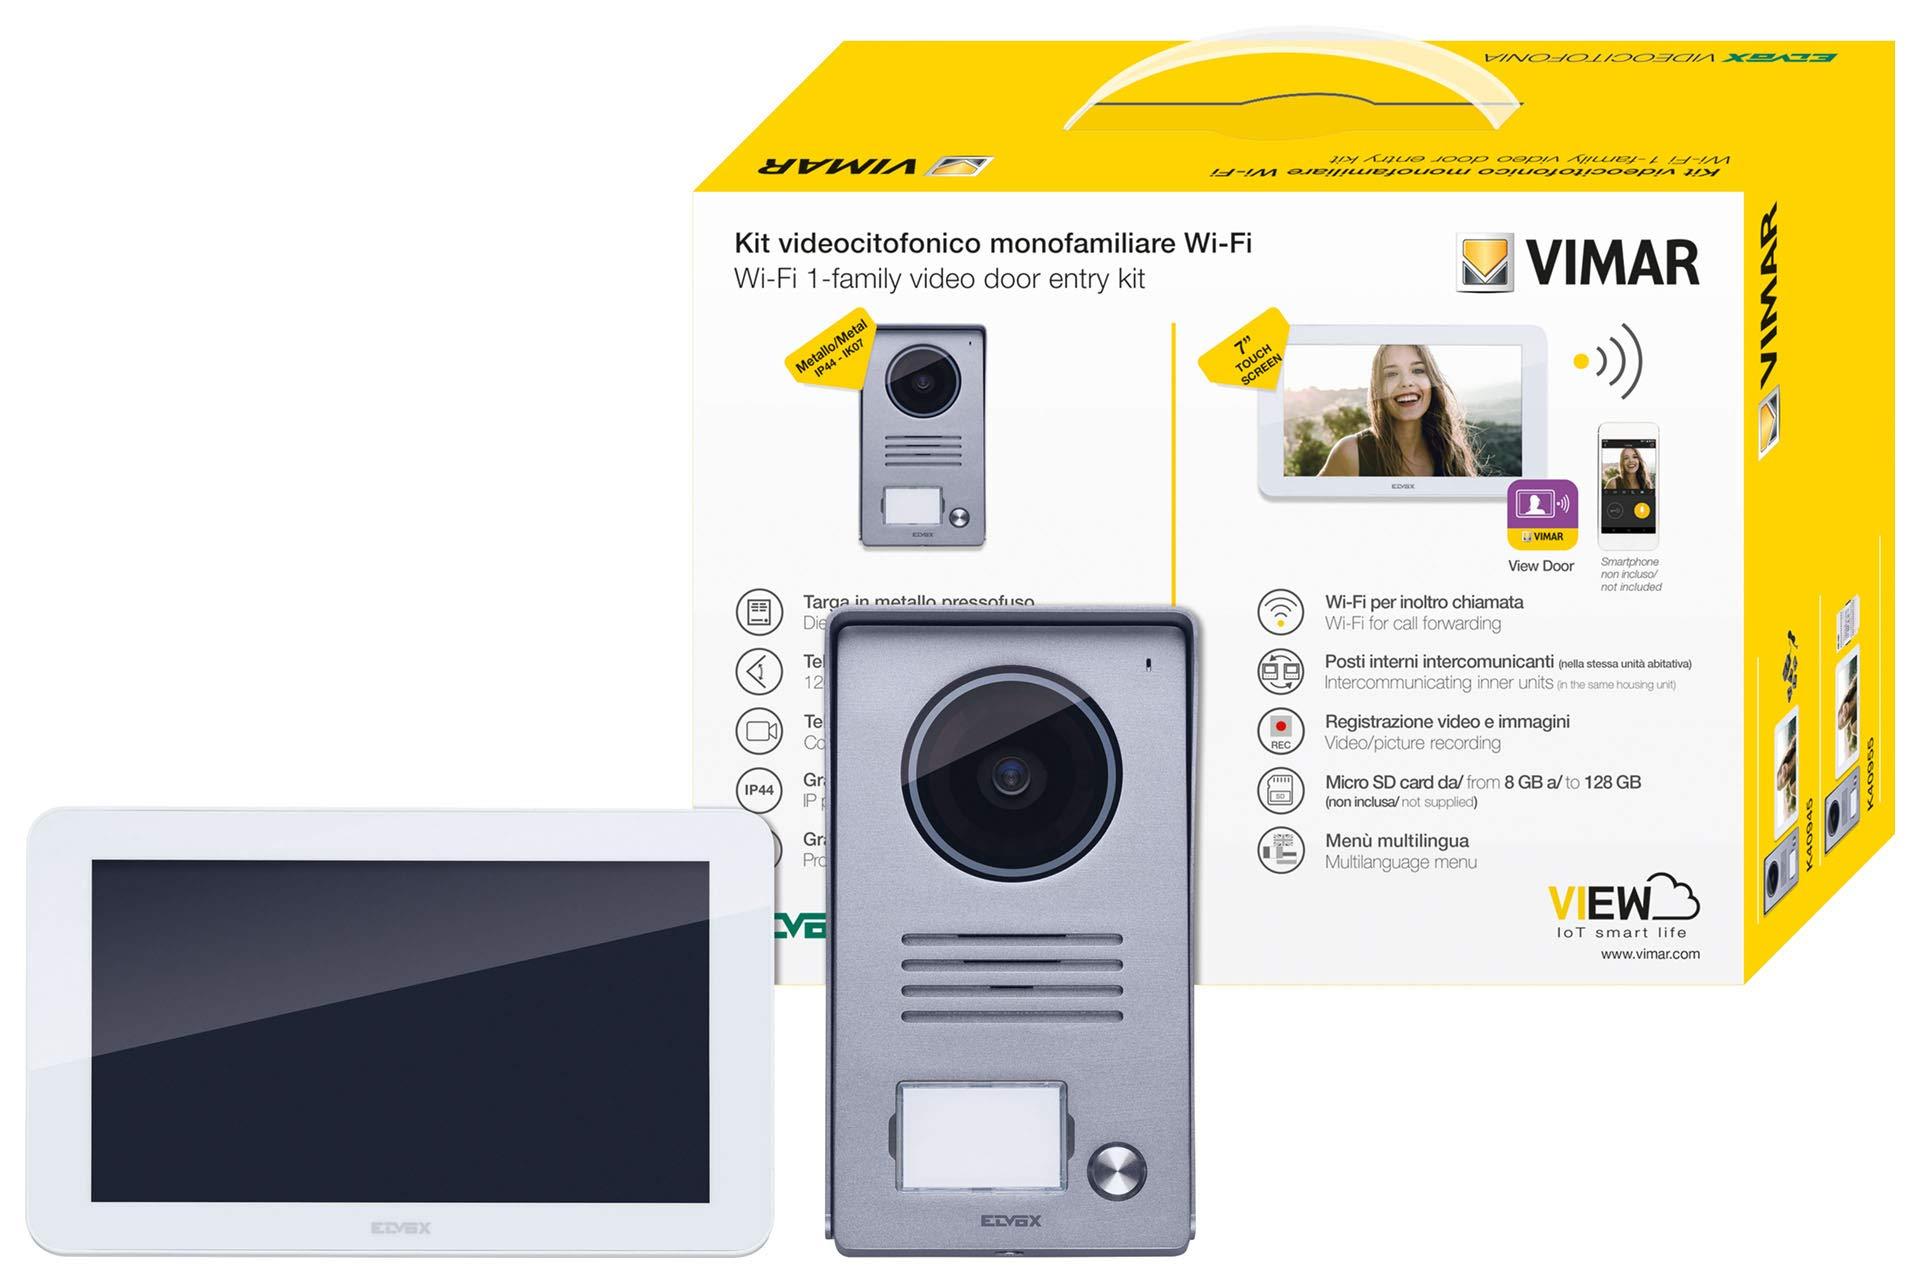 gris la placa exterior-blanco el monitor Kit de videoportero t/áctil monofamiliar con fuente de alimentaci/ón multipina Vimar K40915